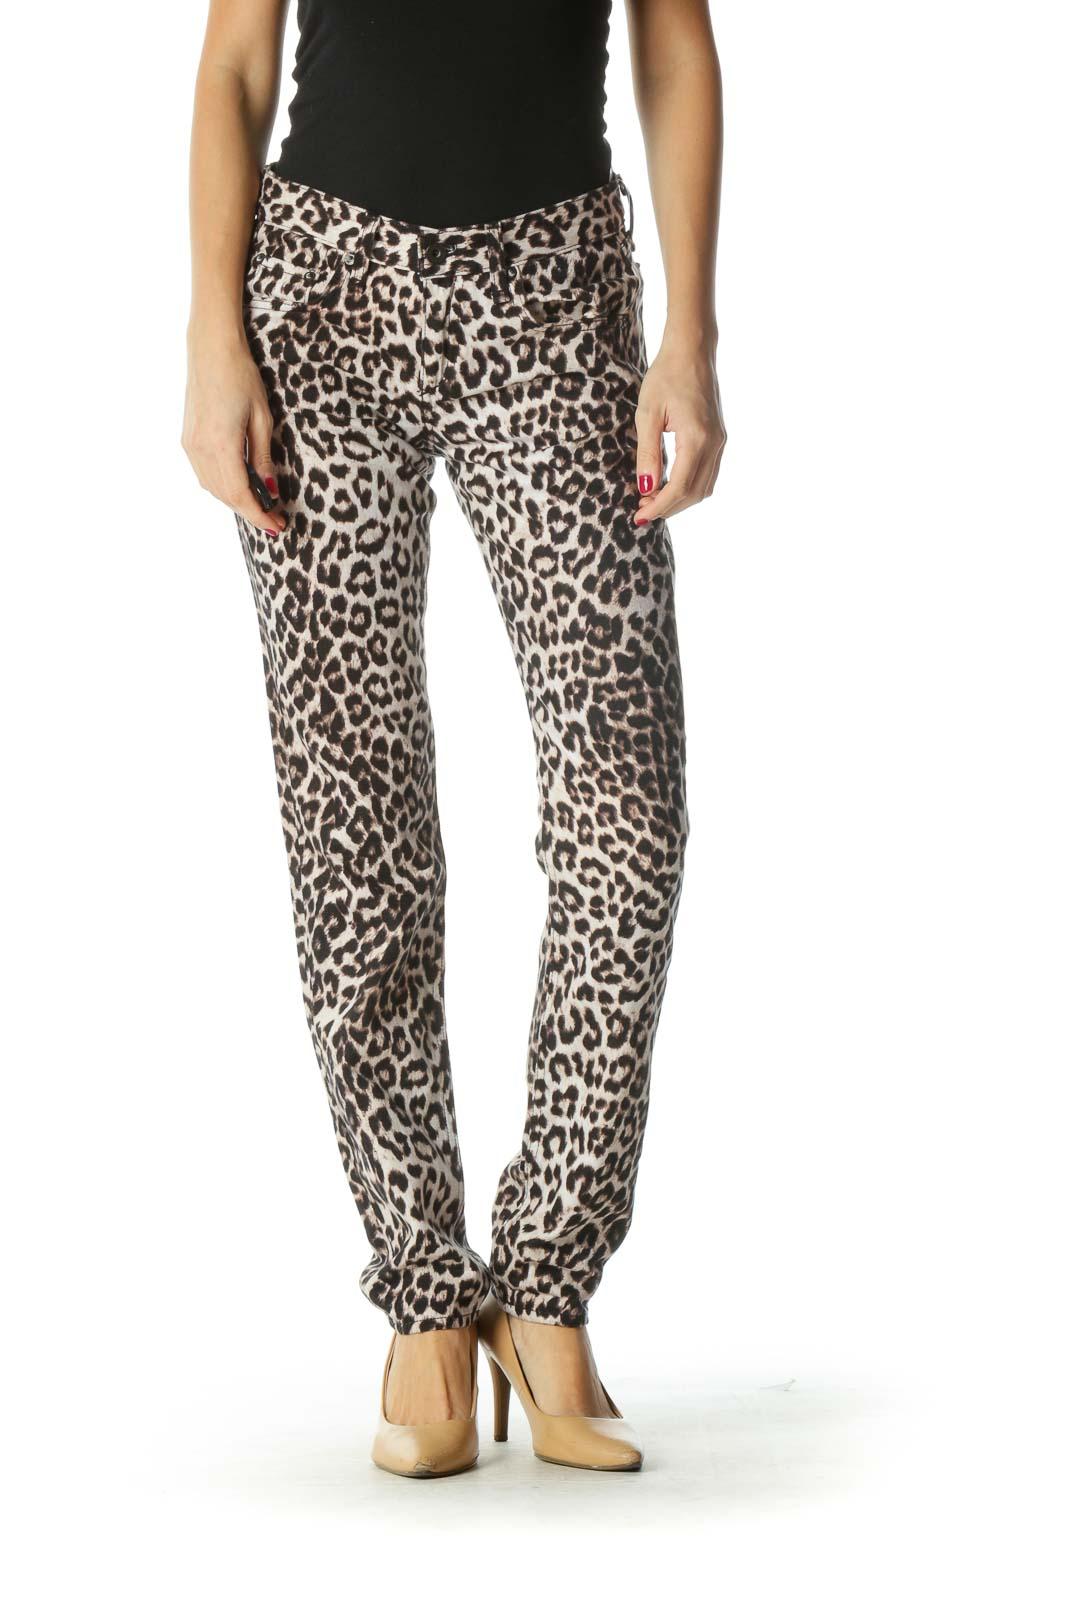 Brown Cheetah Print Pants